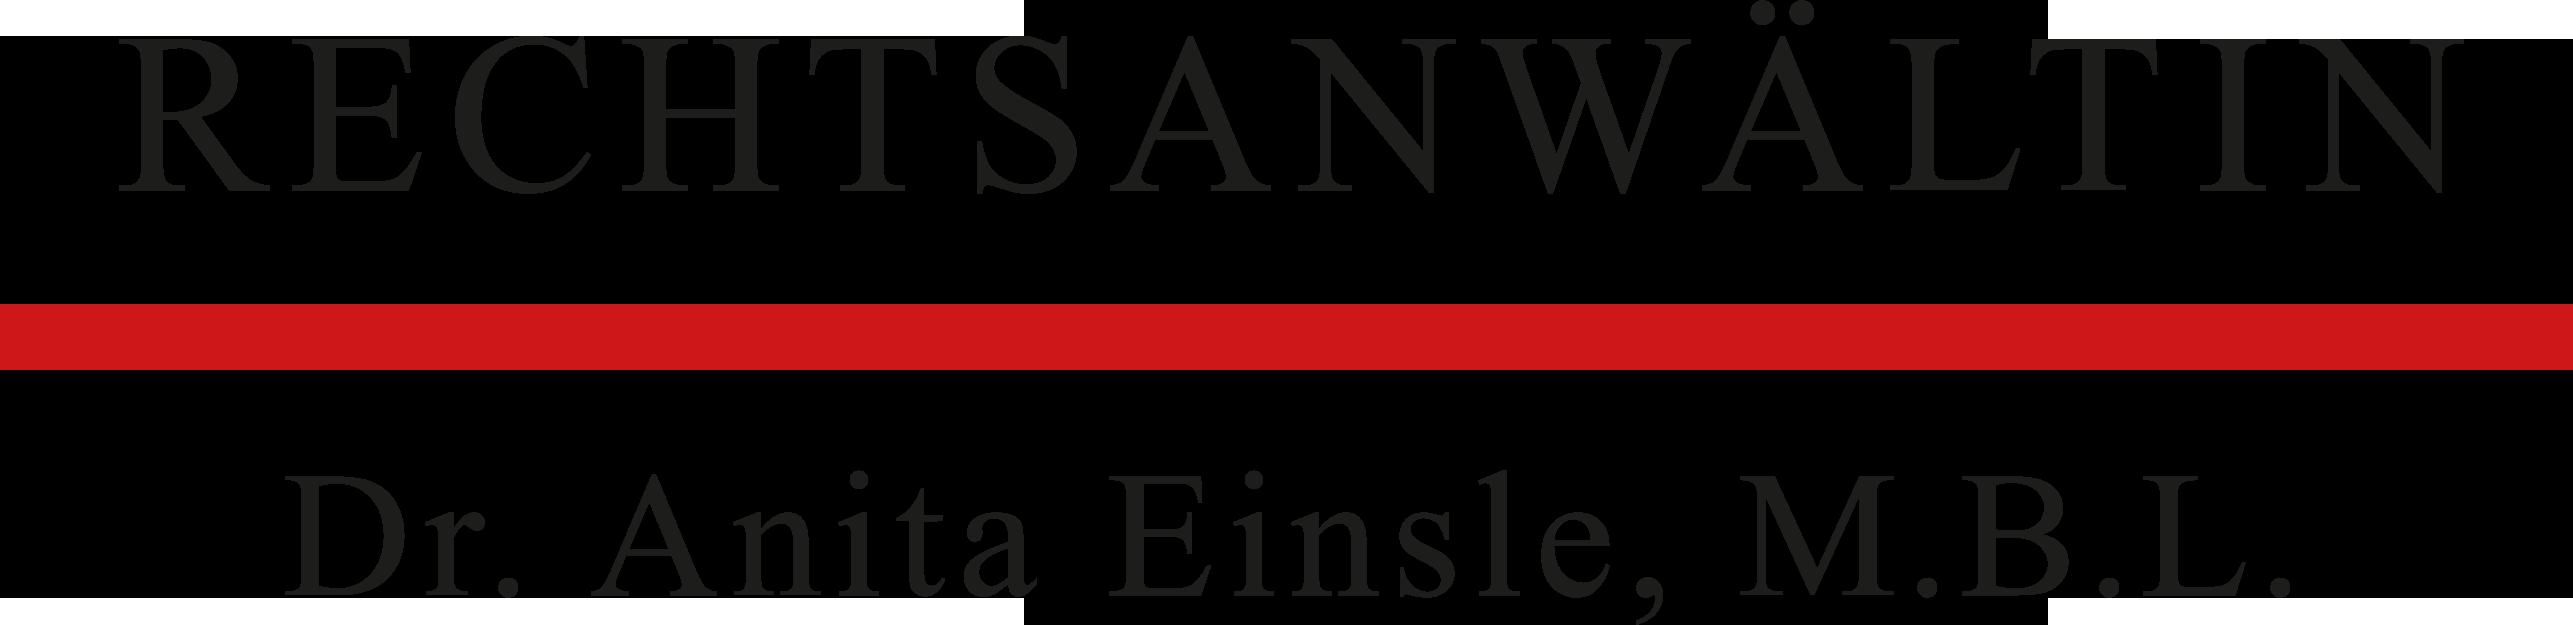 Dr. Anita Einsle, M.B.L.